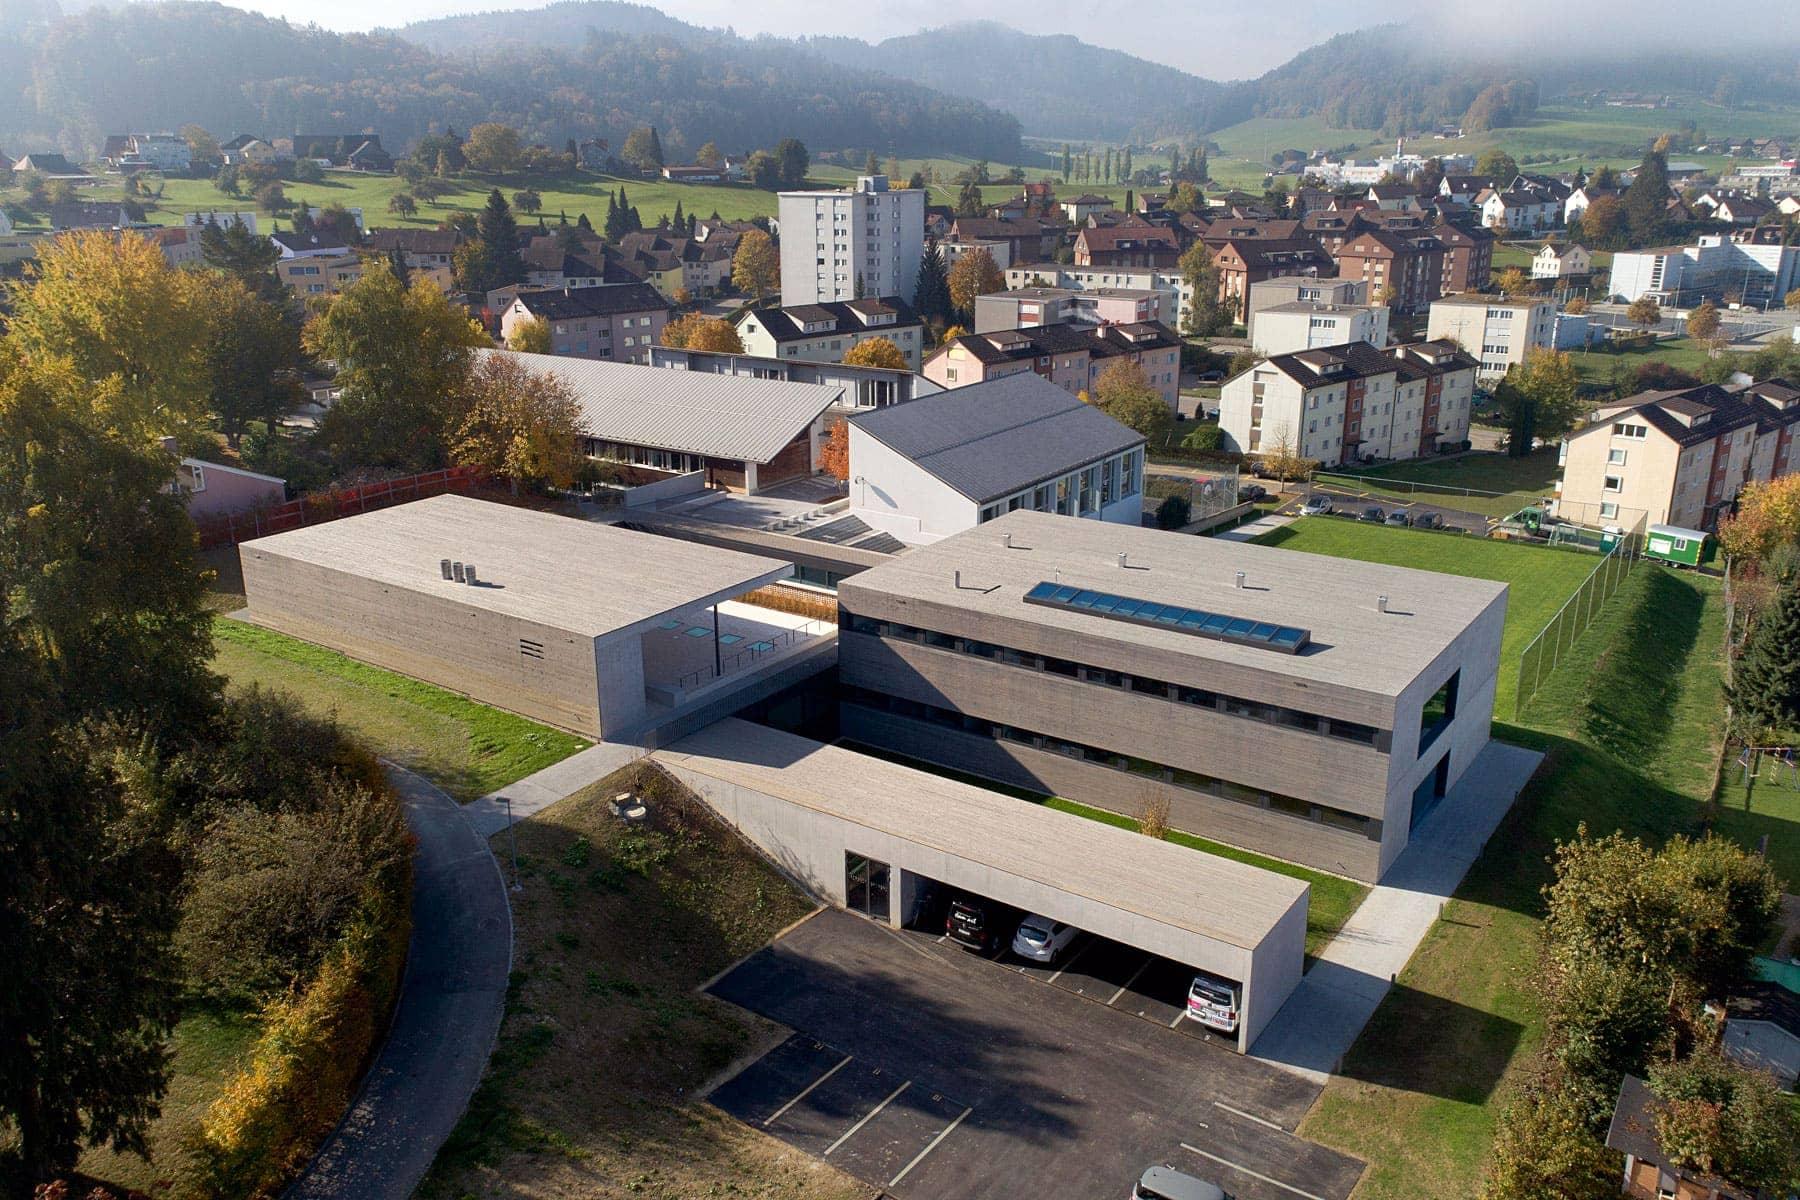 Heilpädagogische Schule Flawil Luftaufnahme